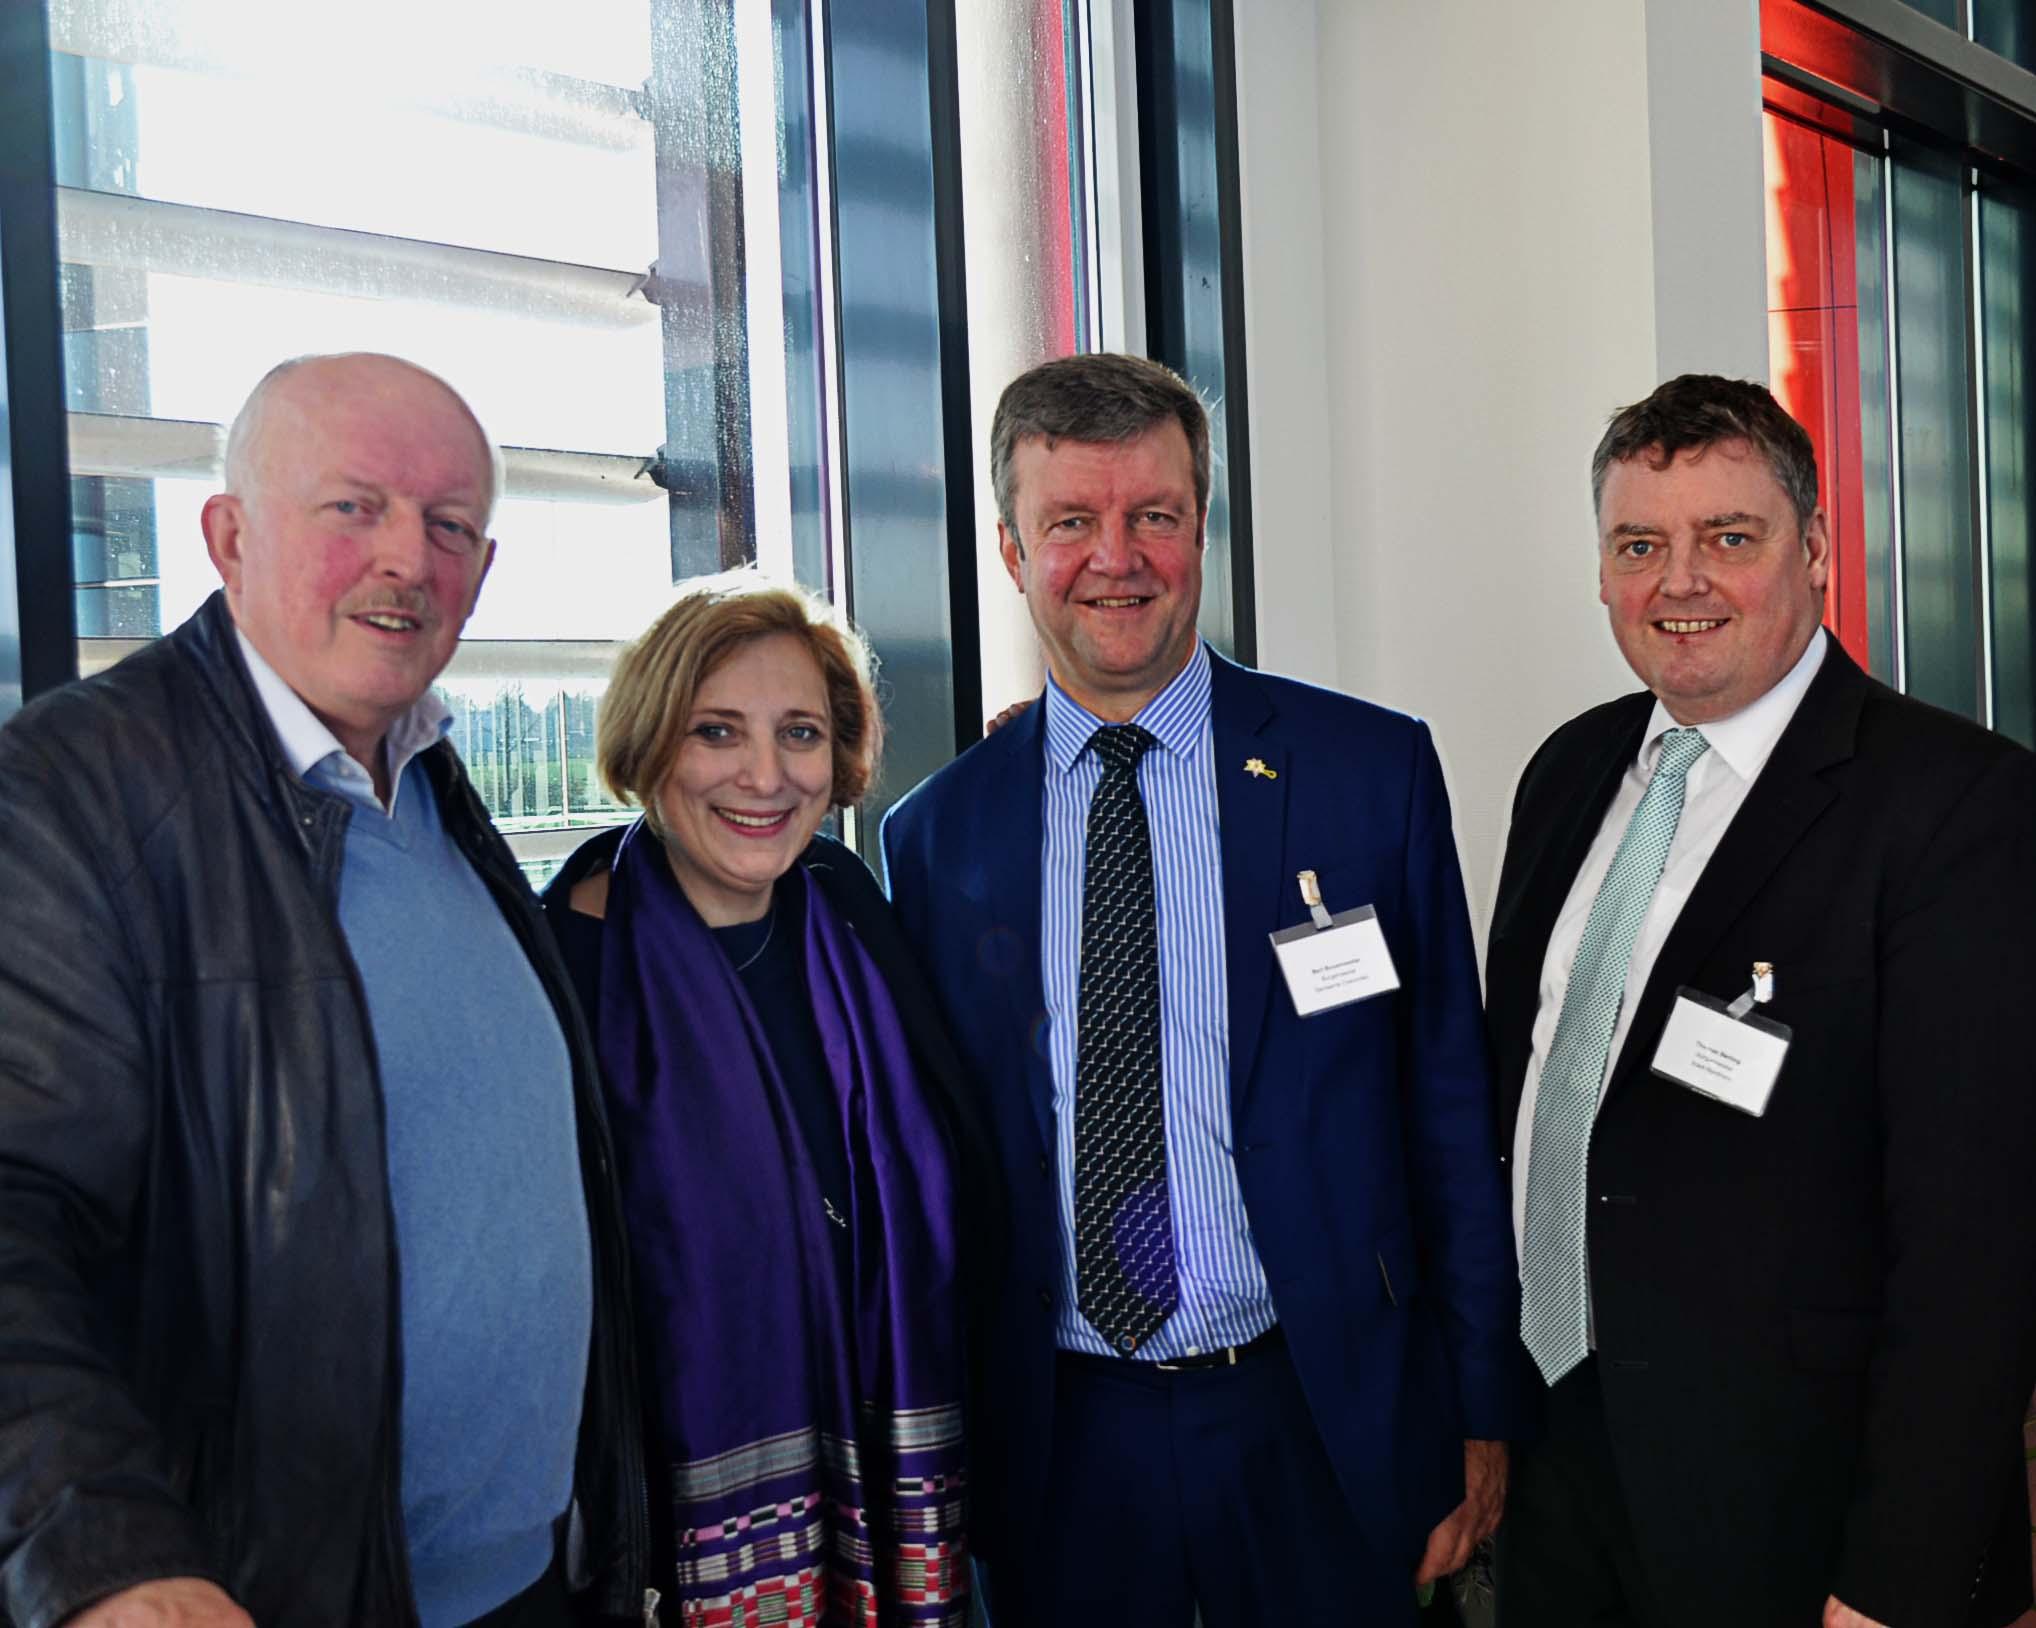 Gruppenfoto Gerd Will, Dr. Daniela De Ridder, Bürgermeister Coevorden Bert Bouwmeester und Bürgermeister Nordhorn Thomas Berling